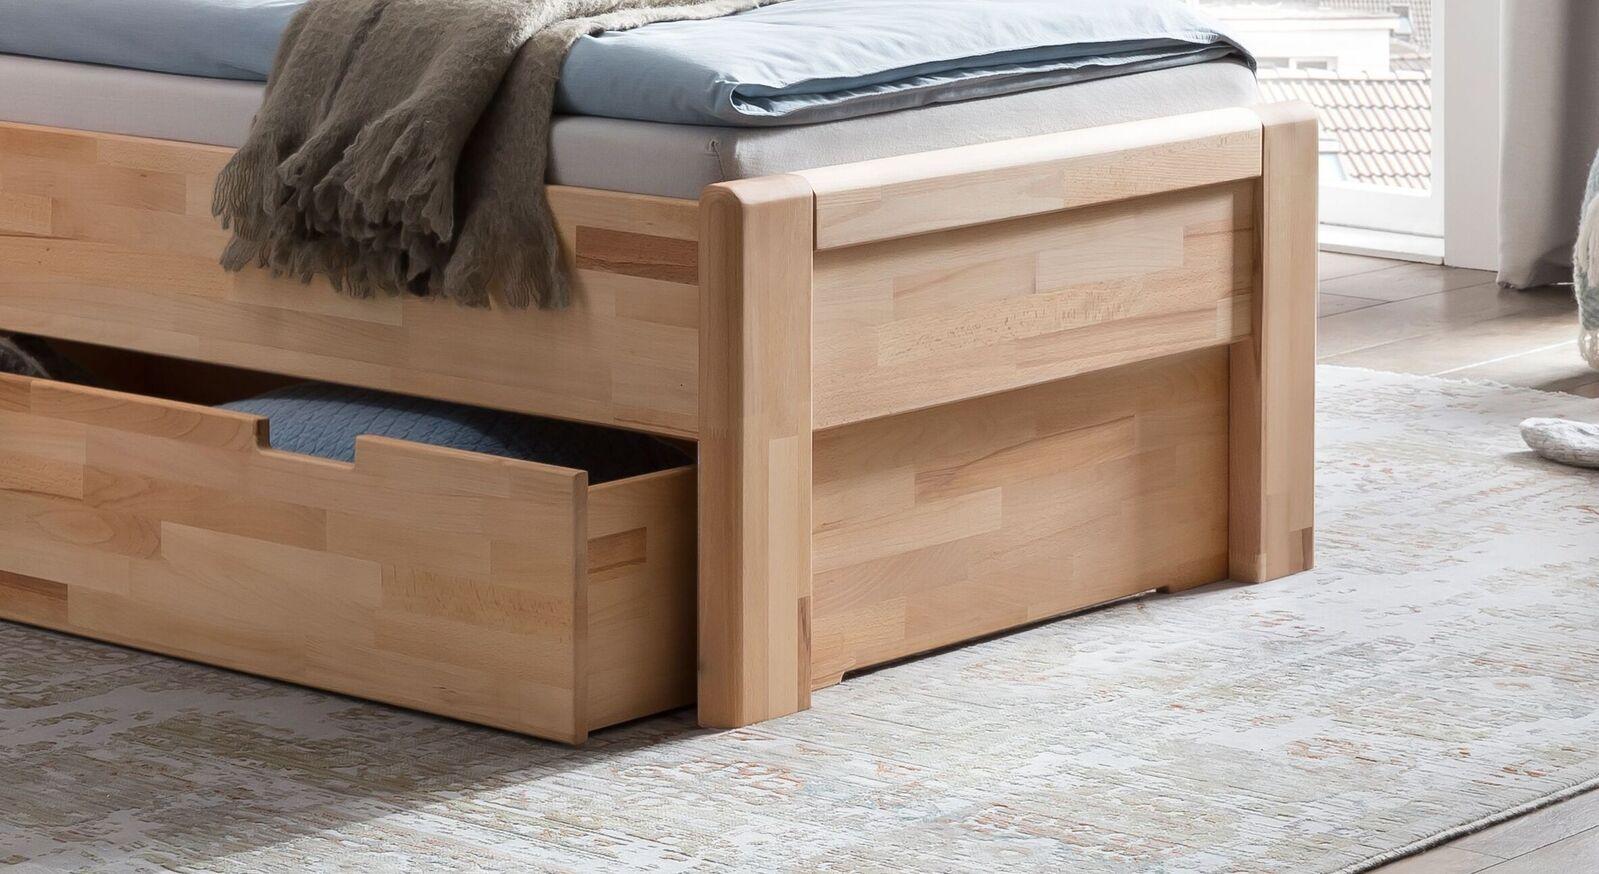 Schubkasten-Seniorenbett Ewen mit Komfort-Liegehöhe